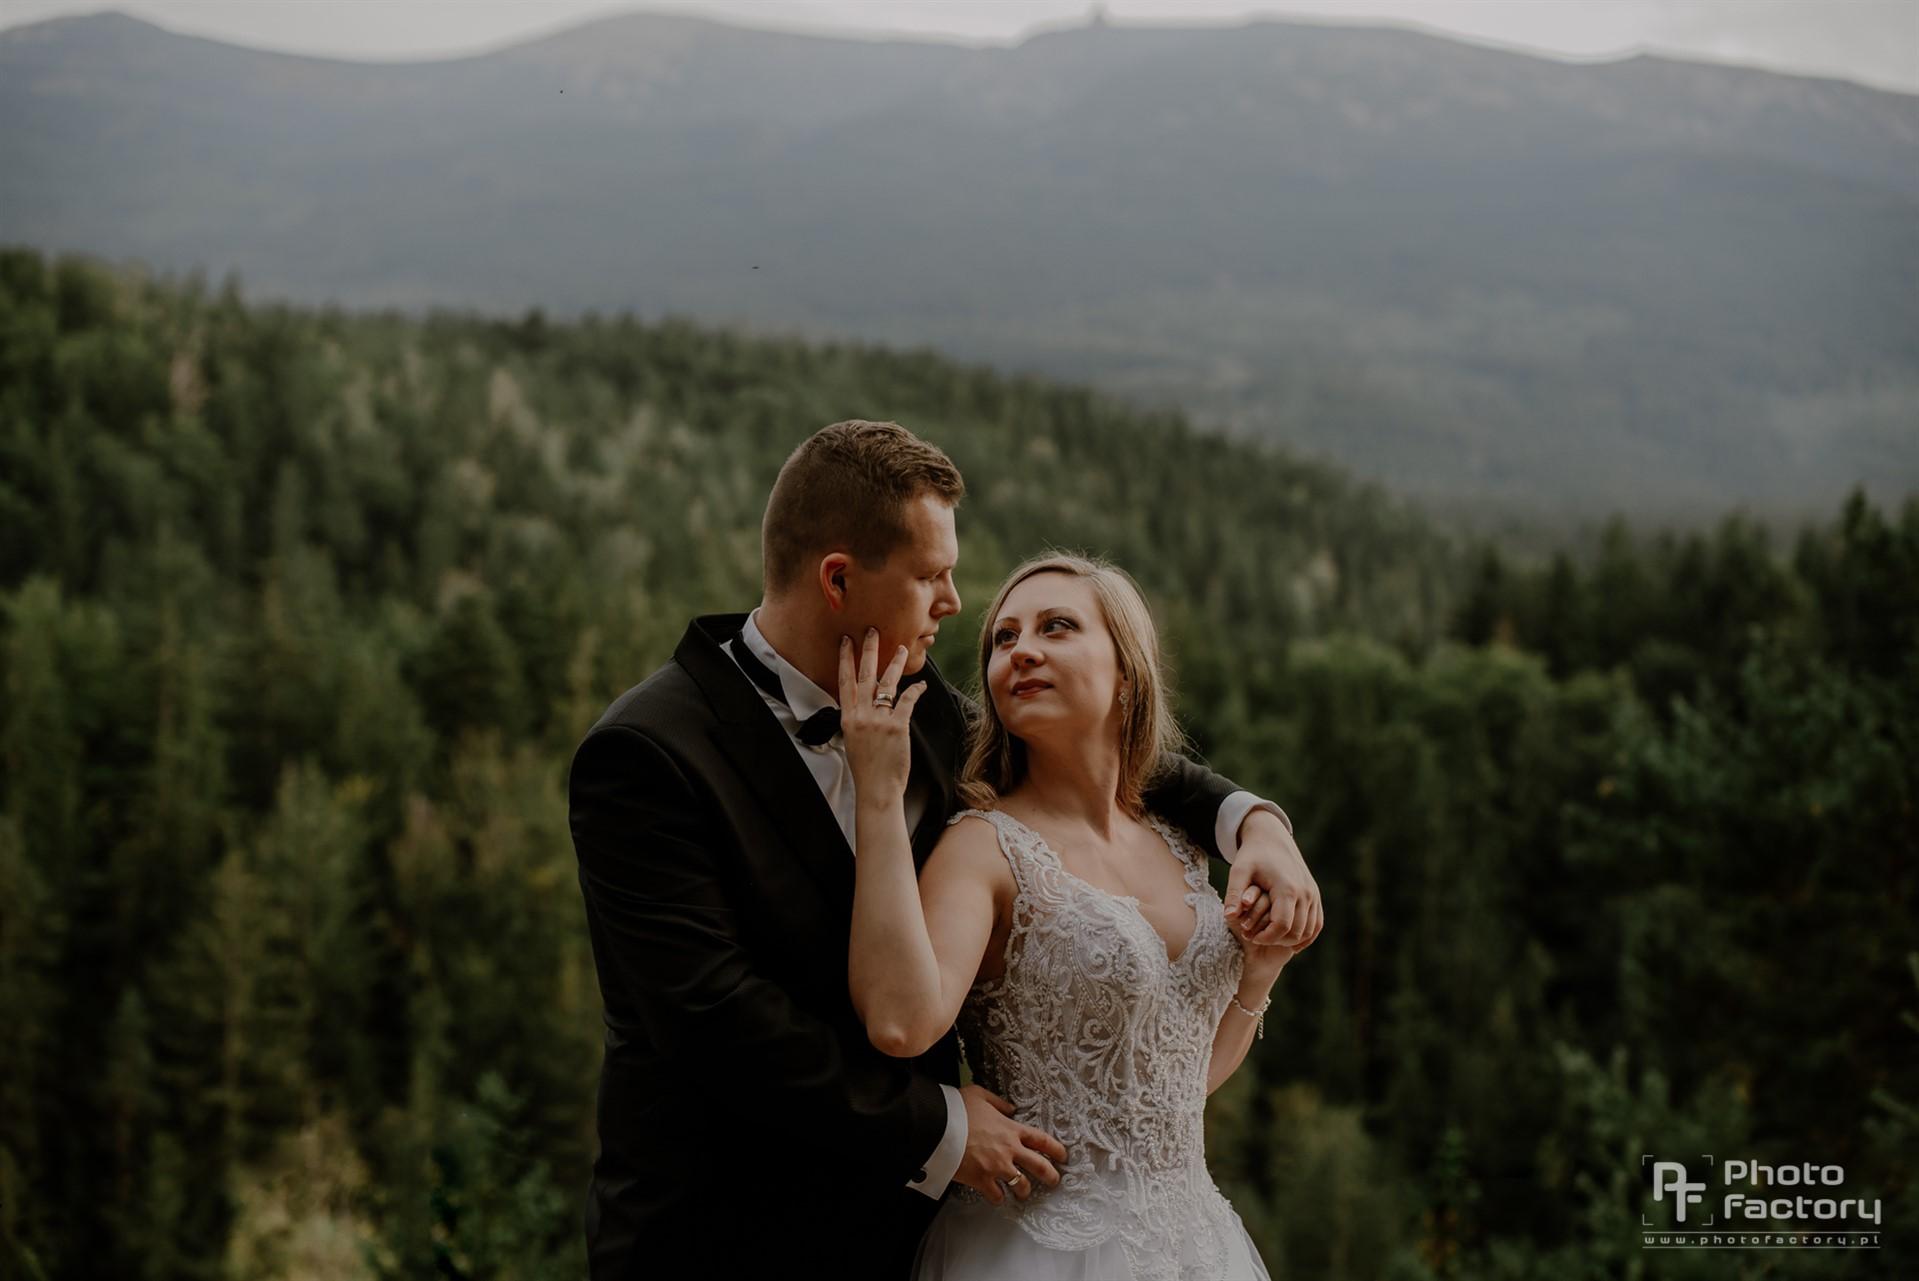 Plenerowa sesja ślubna w górach Agnieszki i Radosława